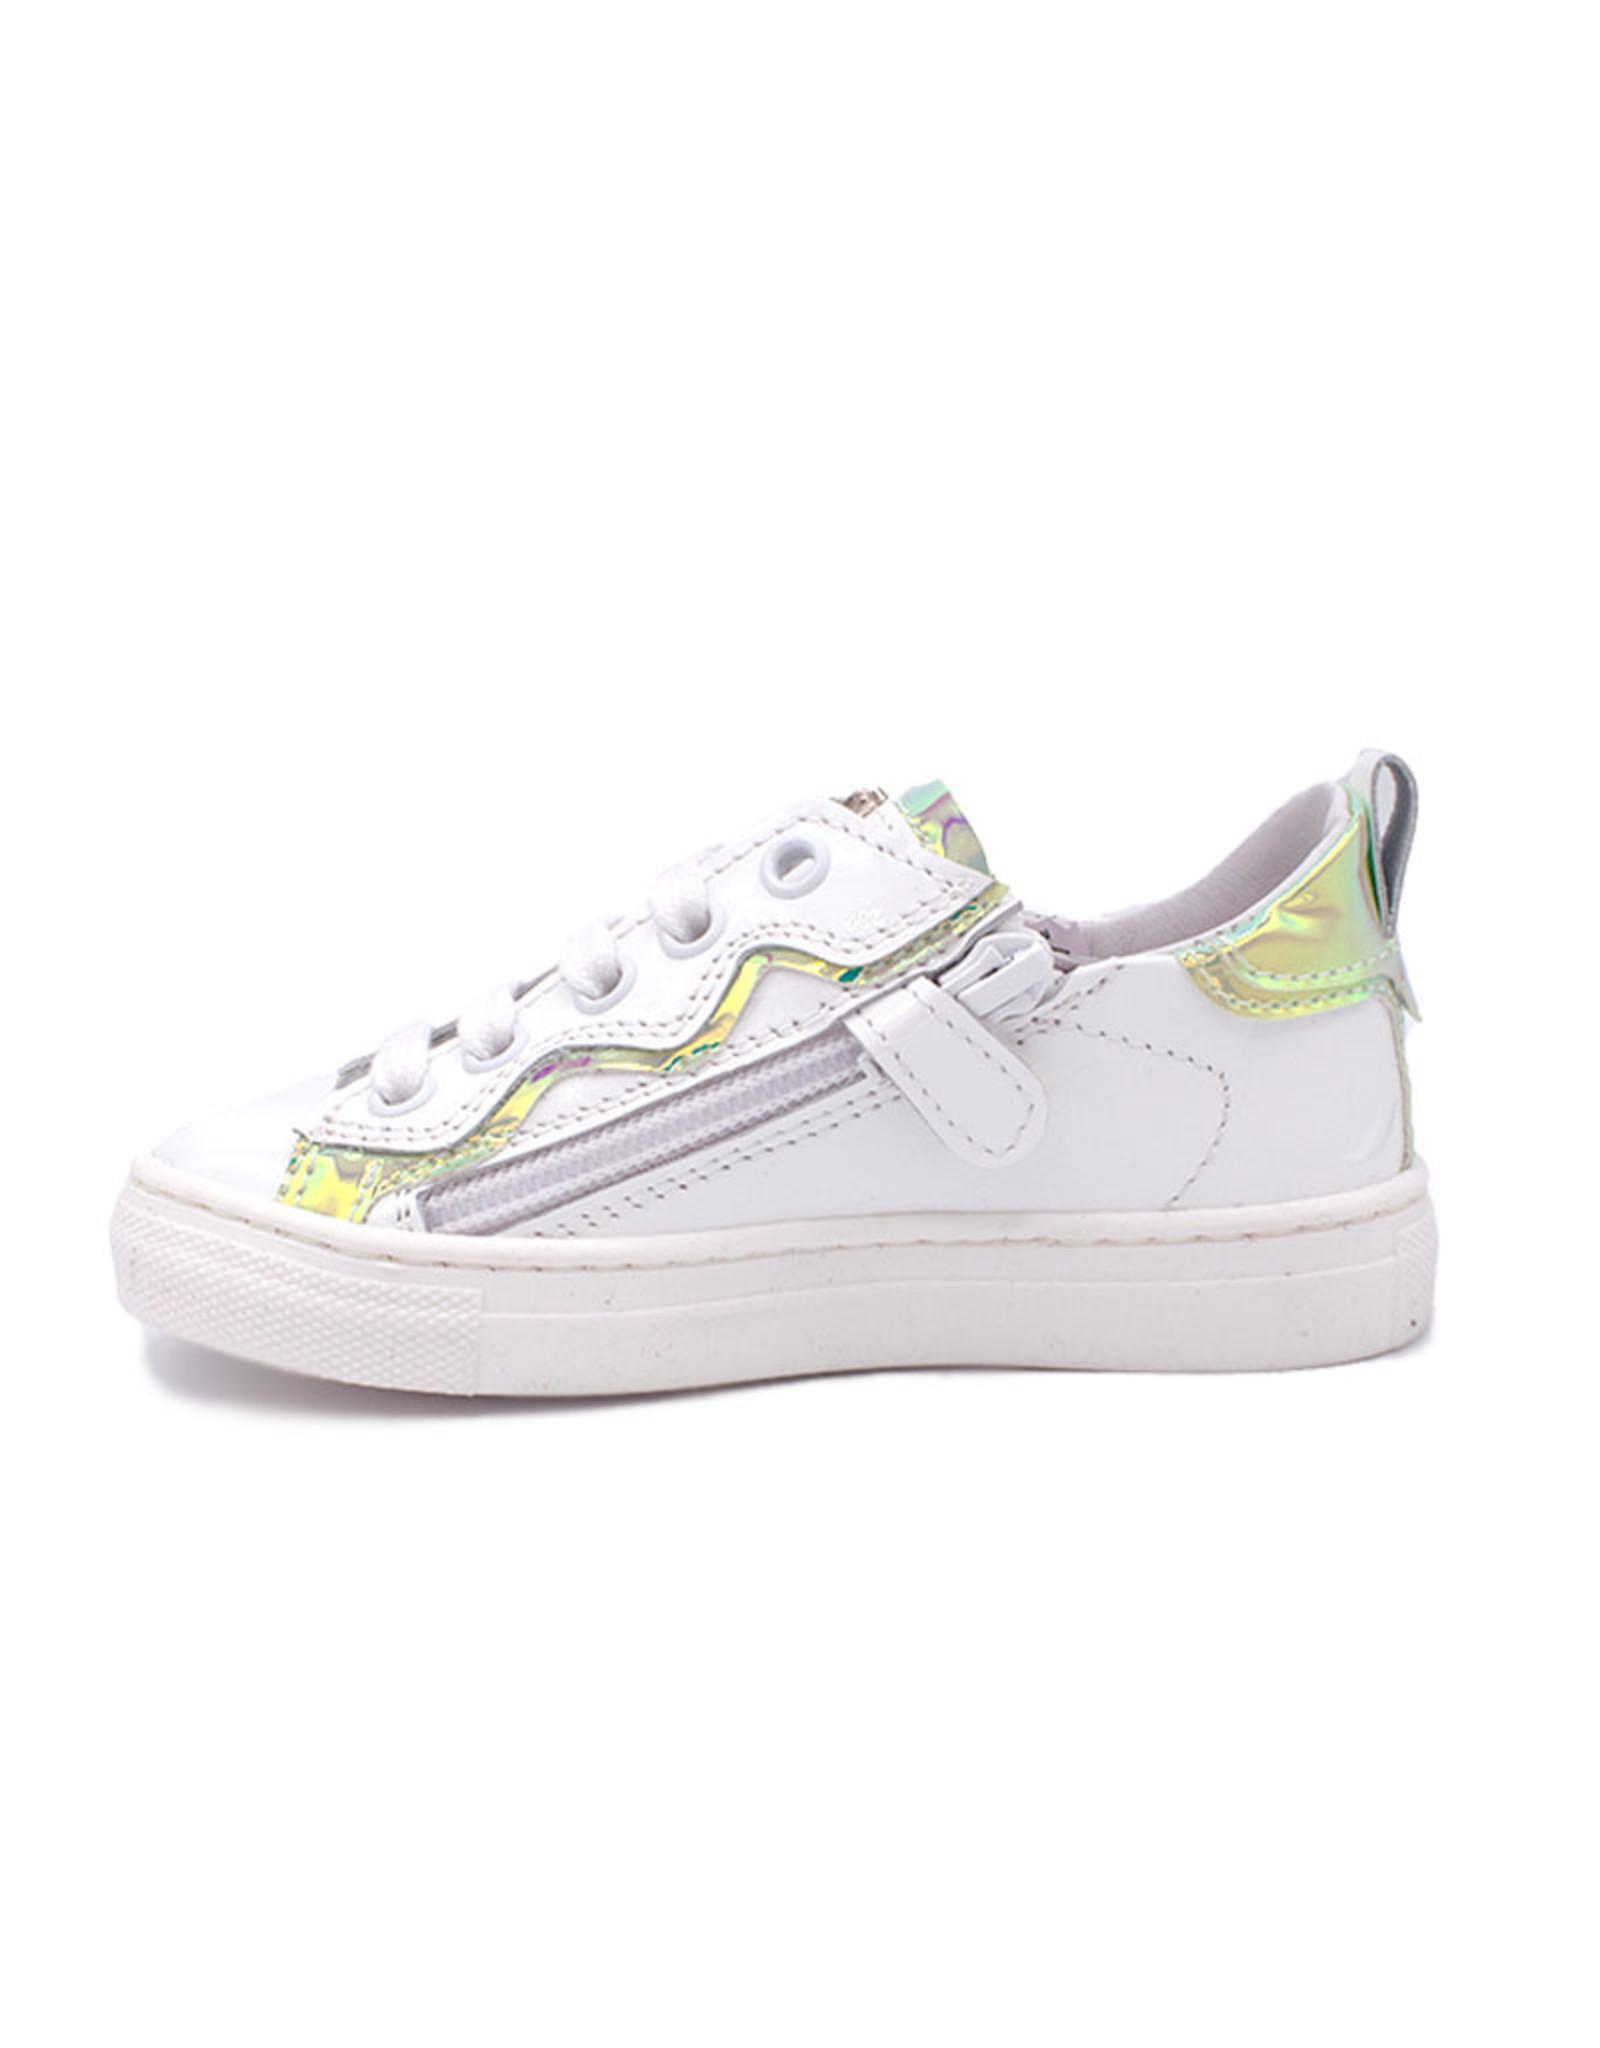 BANA LINE  BANALINE sneaker wit lak spiegel effect